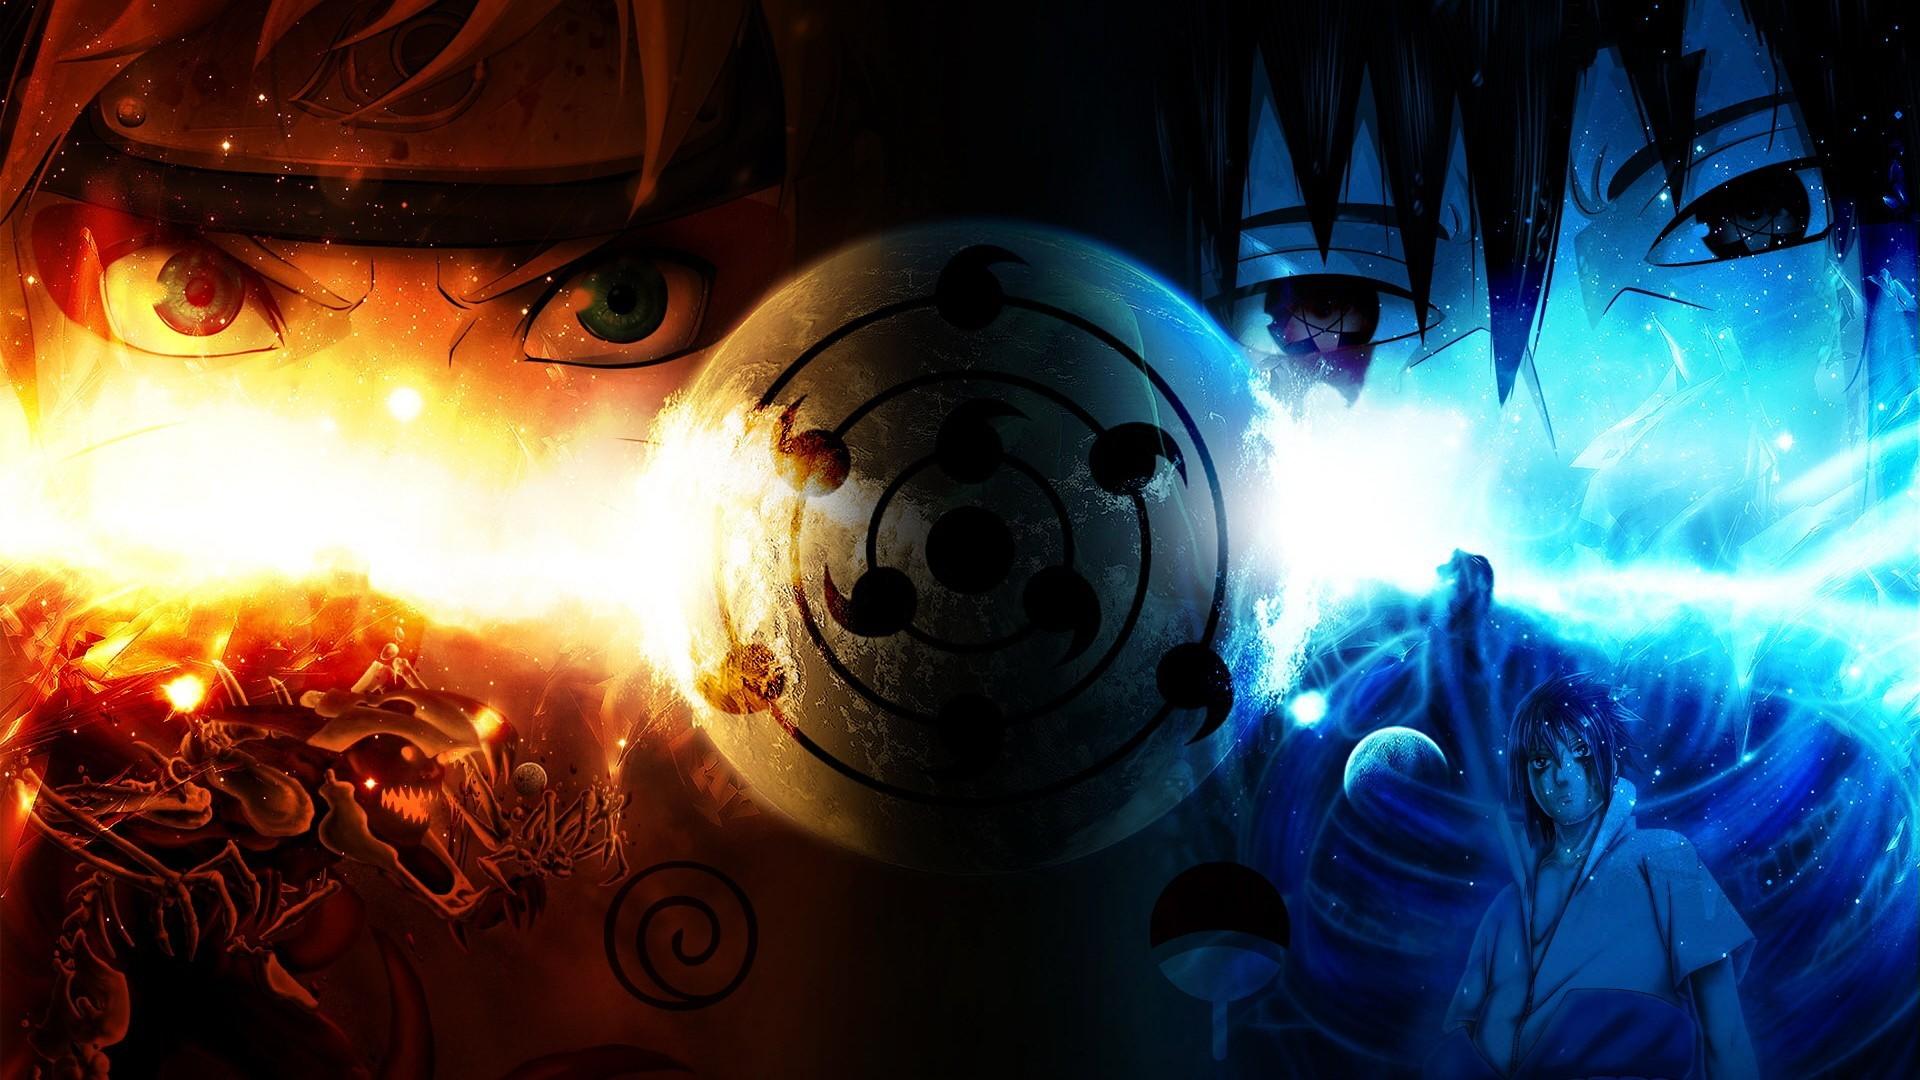 Naruto Fond D Ecran Naruto Fond D Ecran 39957156 Fanpop